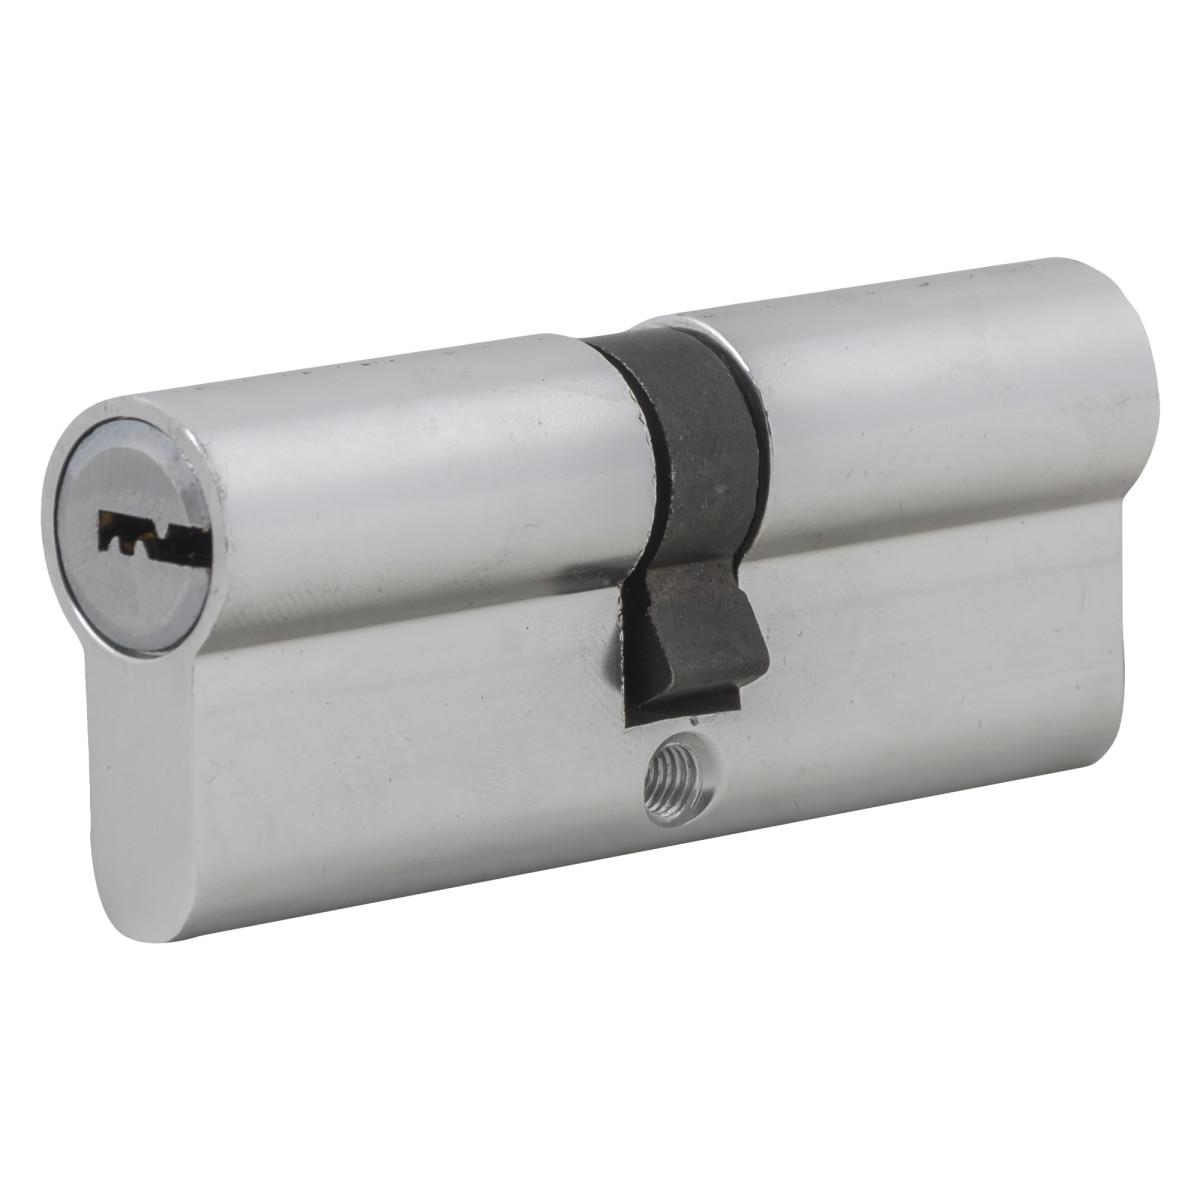 Цилиндр Standers ключ/ключ 40х40 хром TT-CAB811